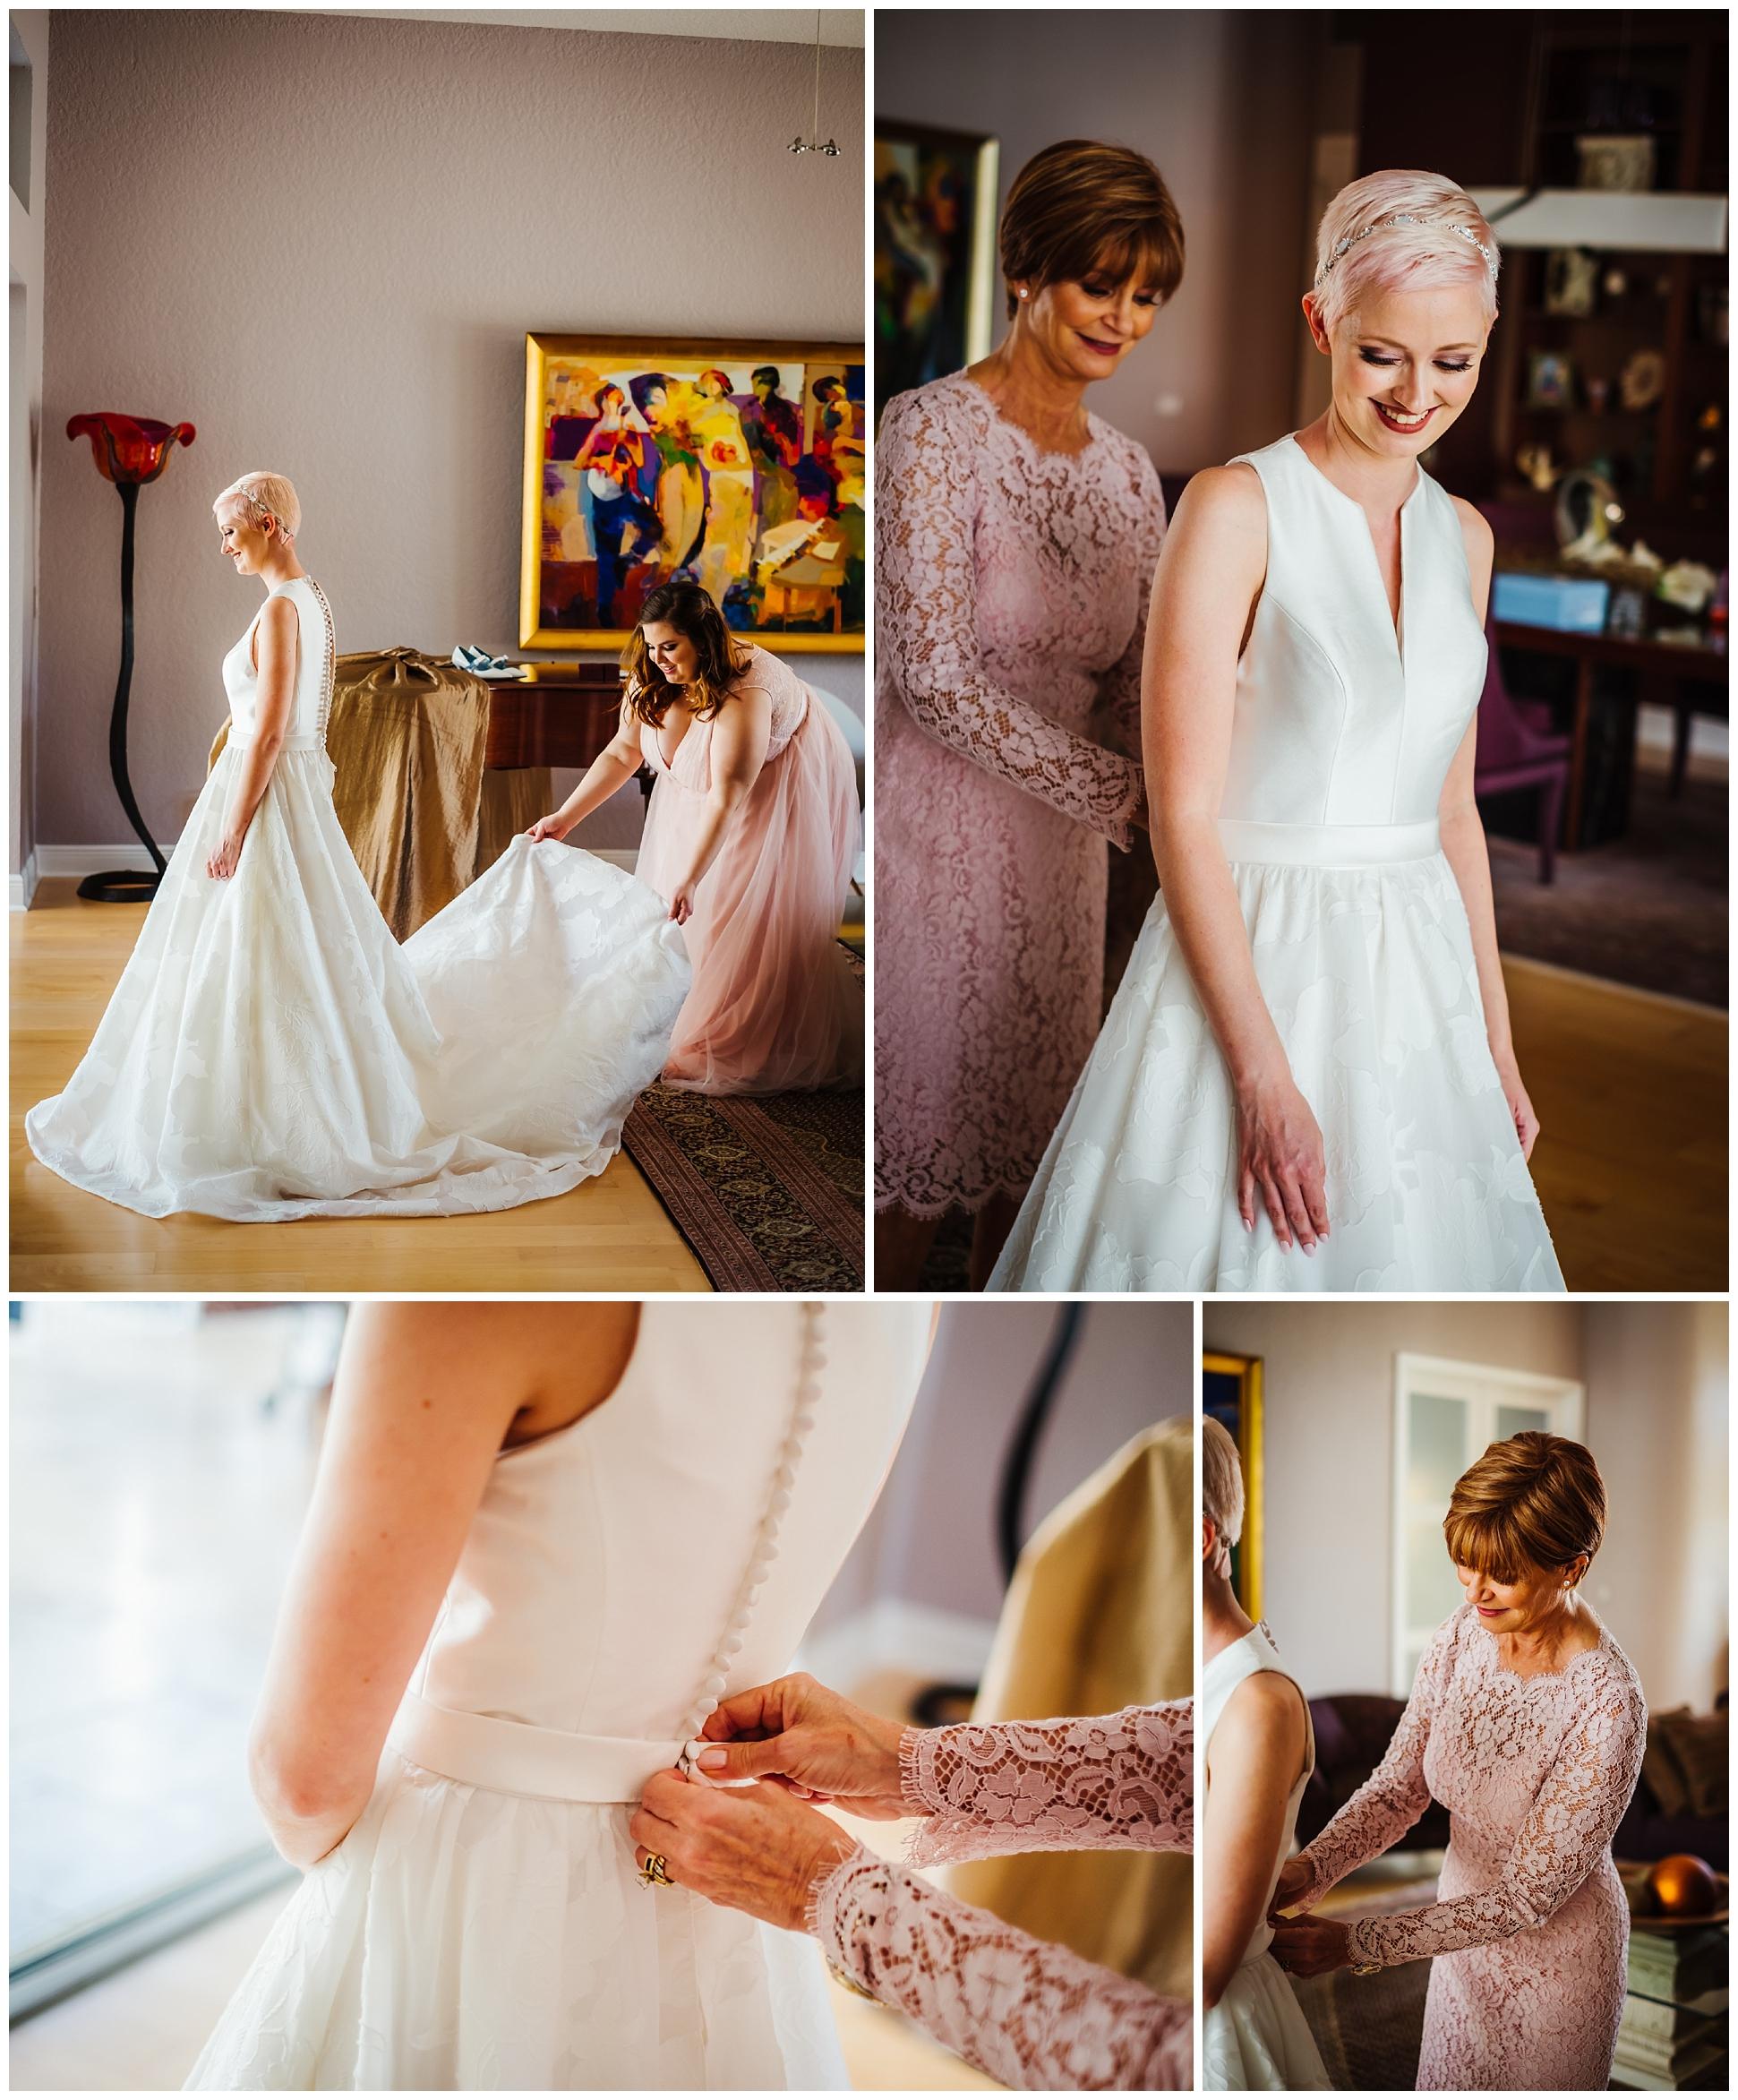 tierra-verde-st-pete-florida-home-luxury-wedding-greenery-pink-pixie-bride_0008.jpg